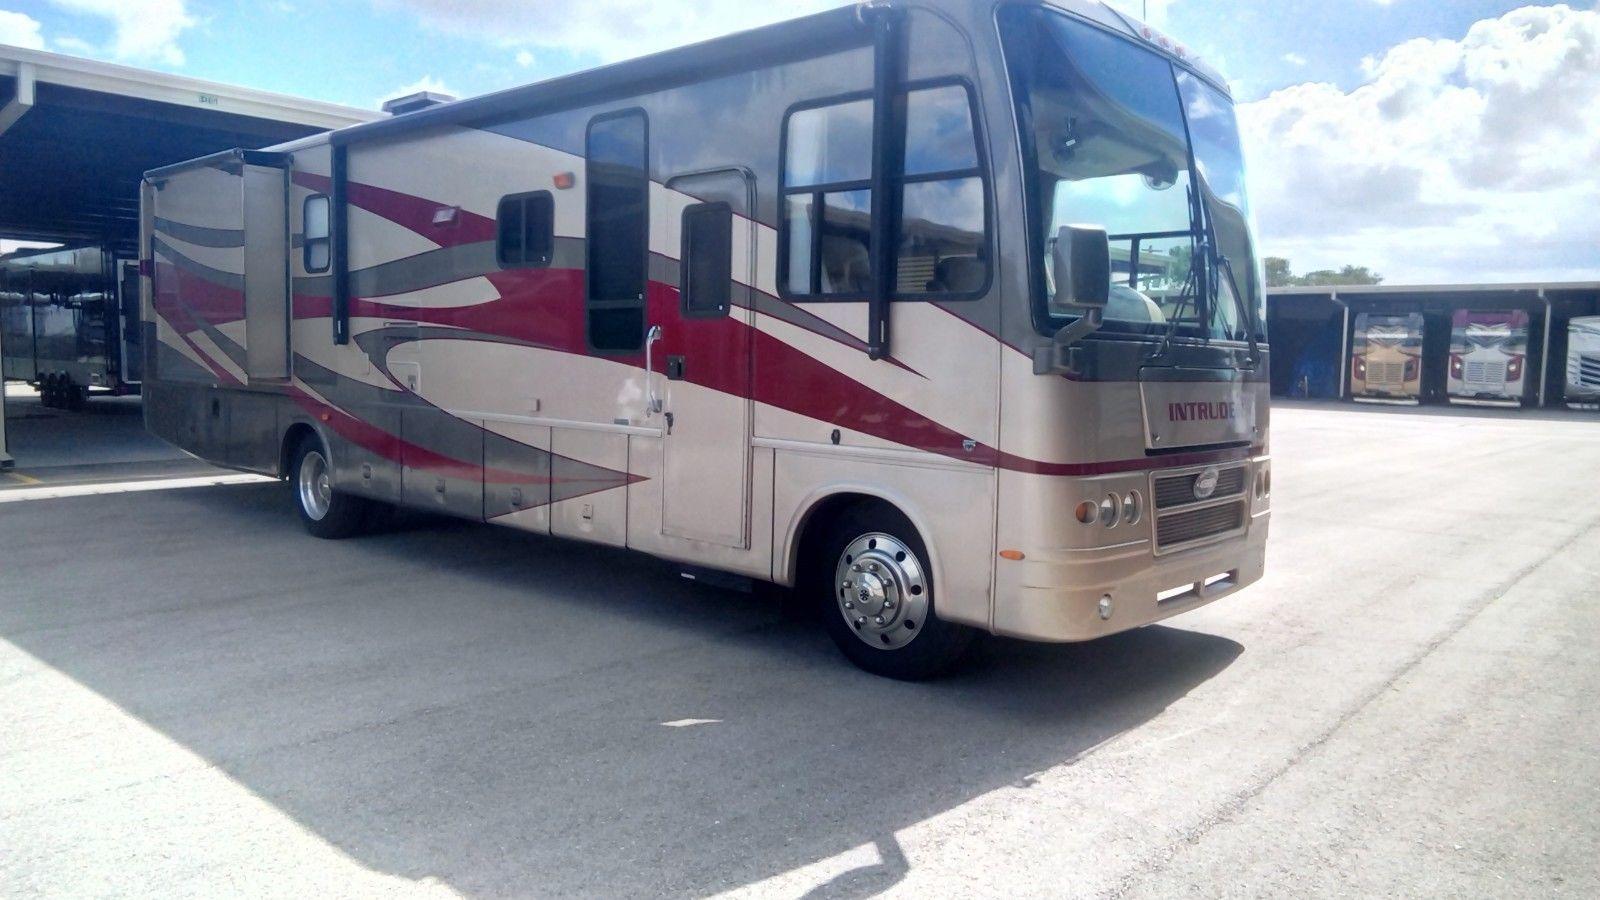 loaded 2006 Damon Intruder camper rv for sale